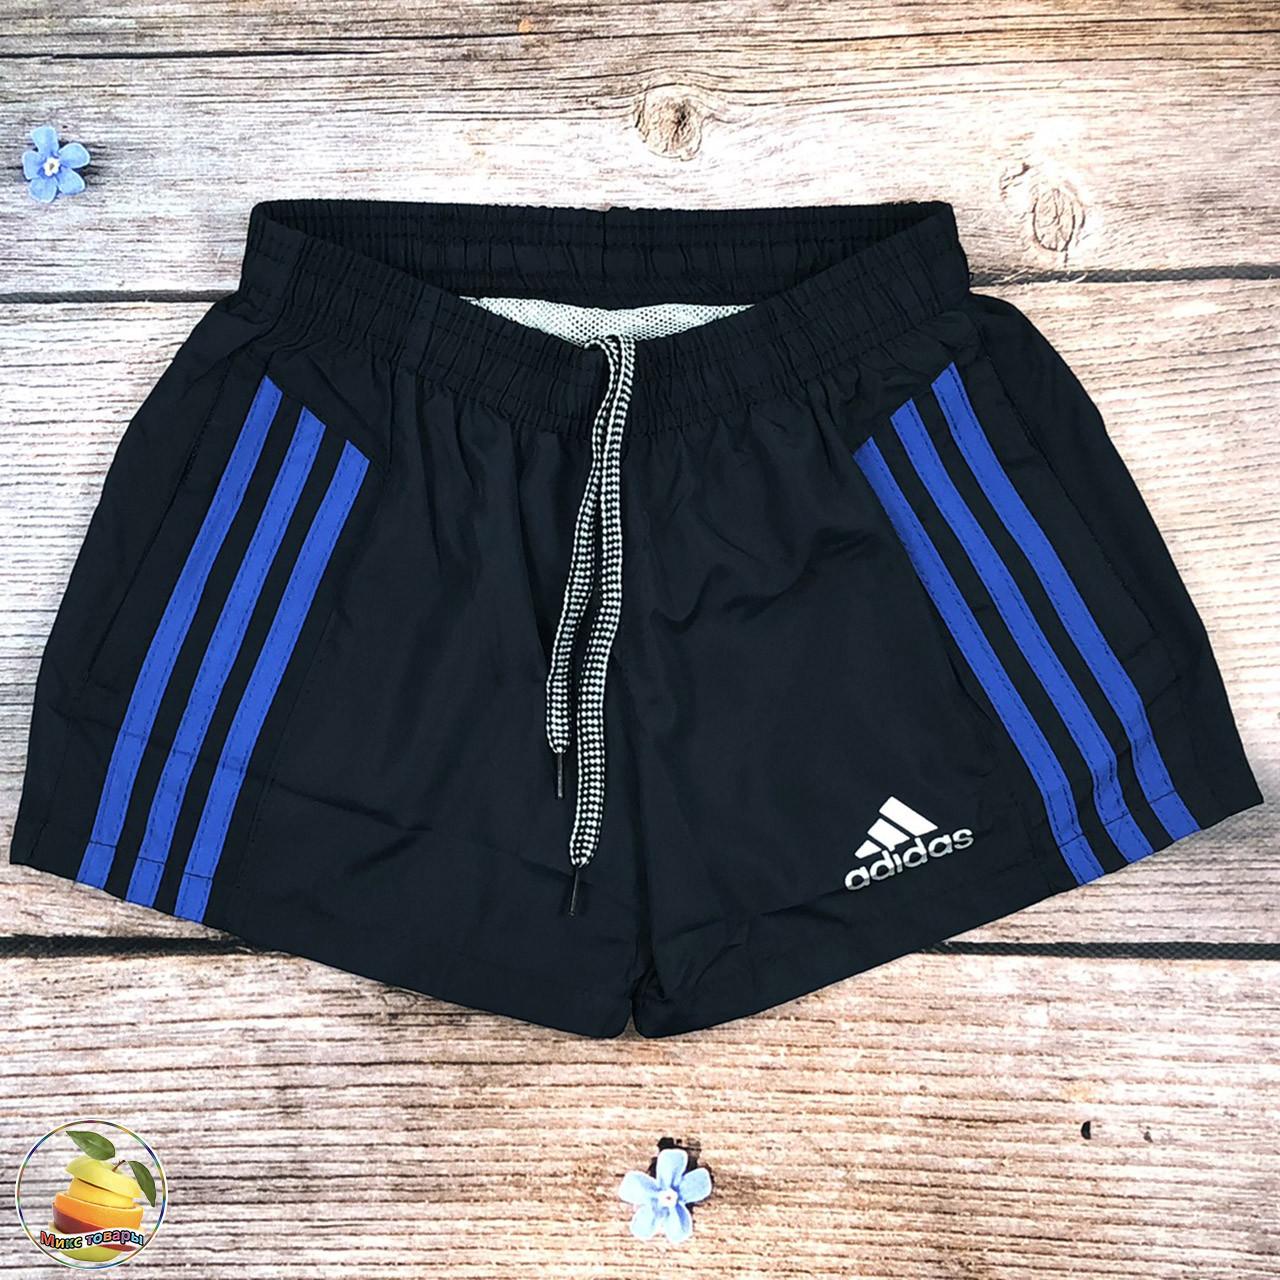 Спортивные шорты для мальчика подростка Размеры: 7,8,9,10,11 лет (20328-3)